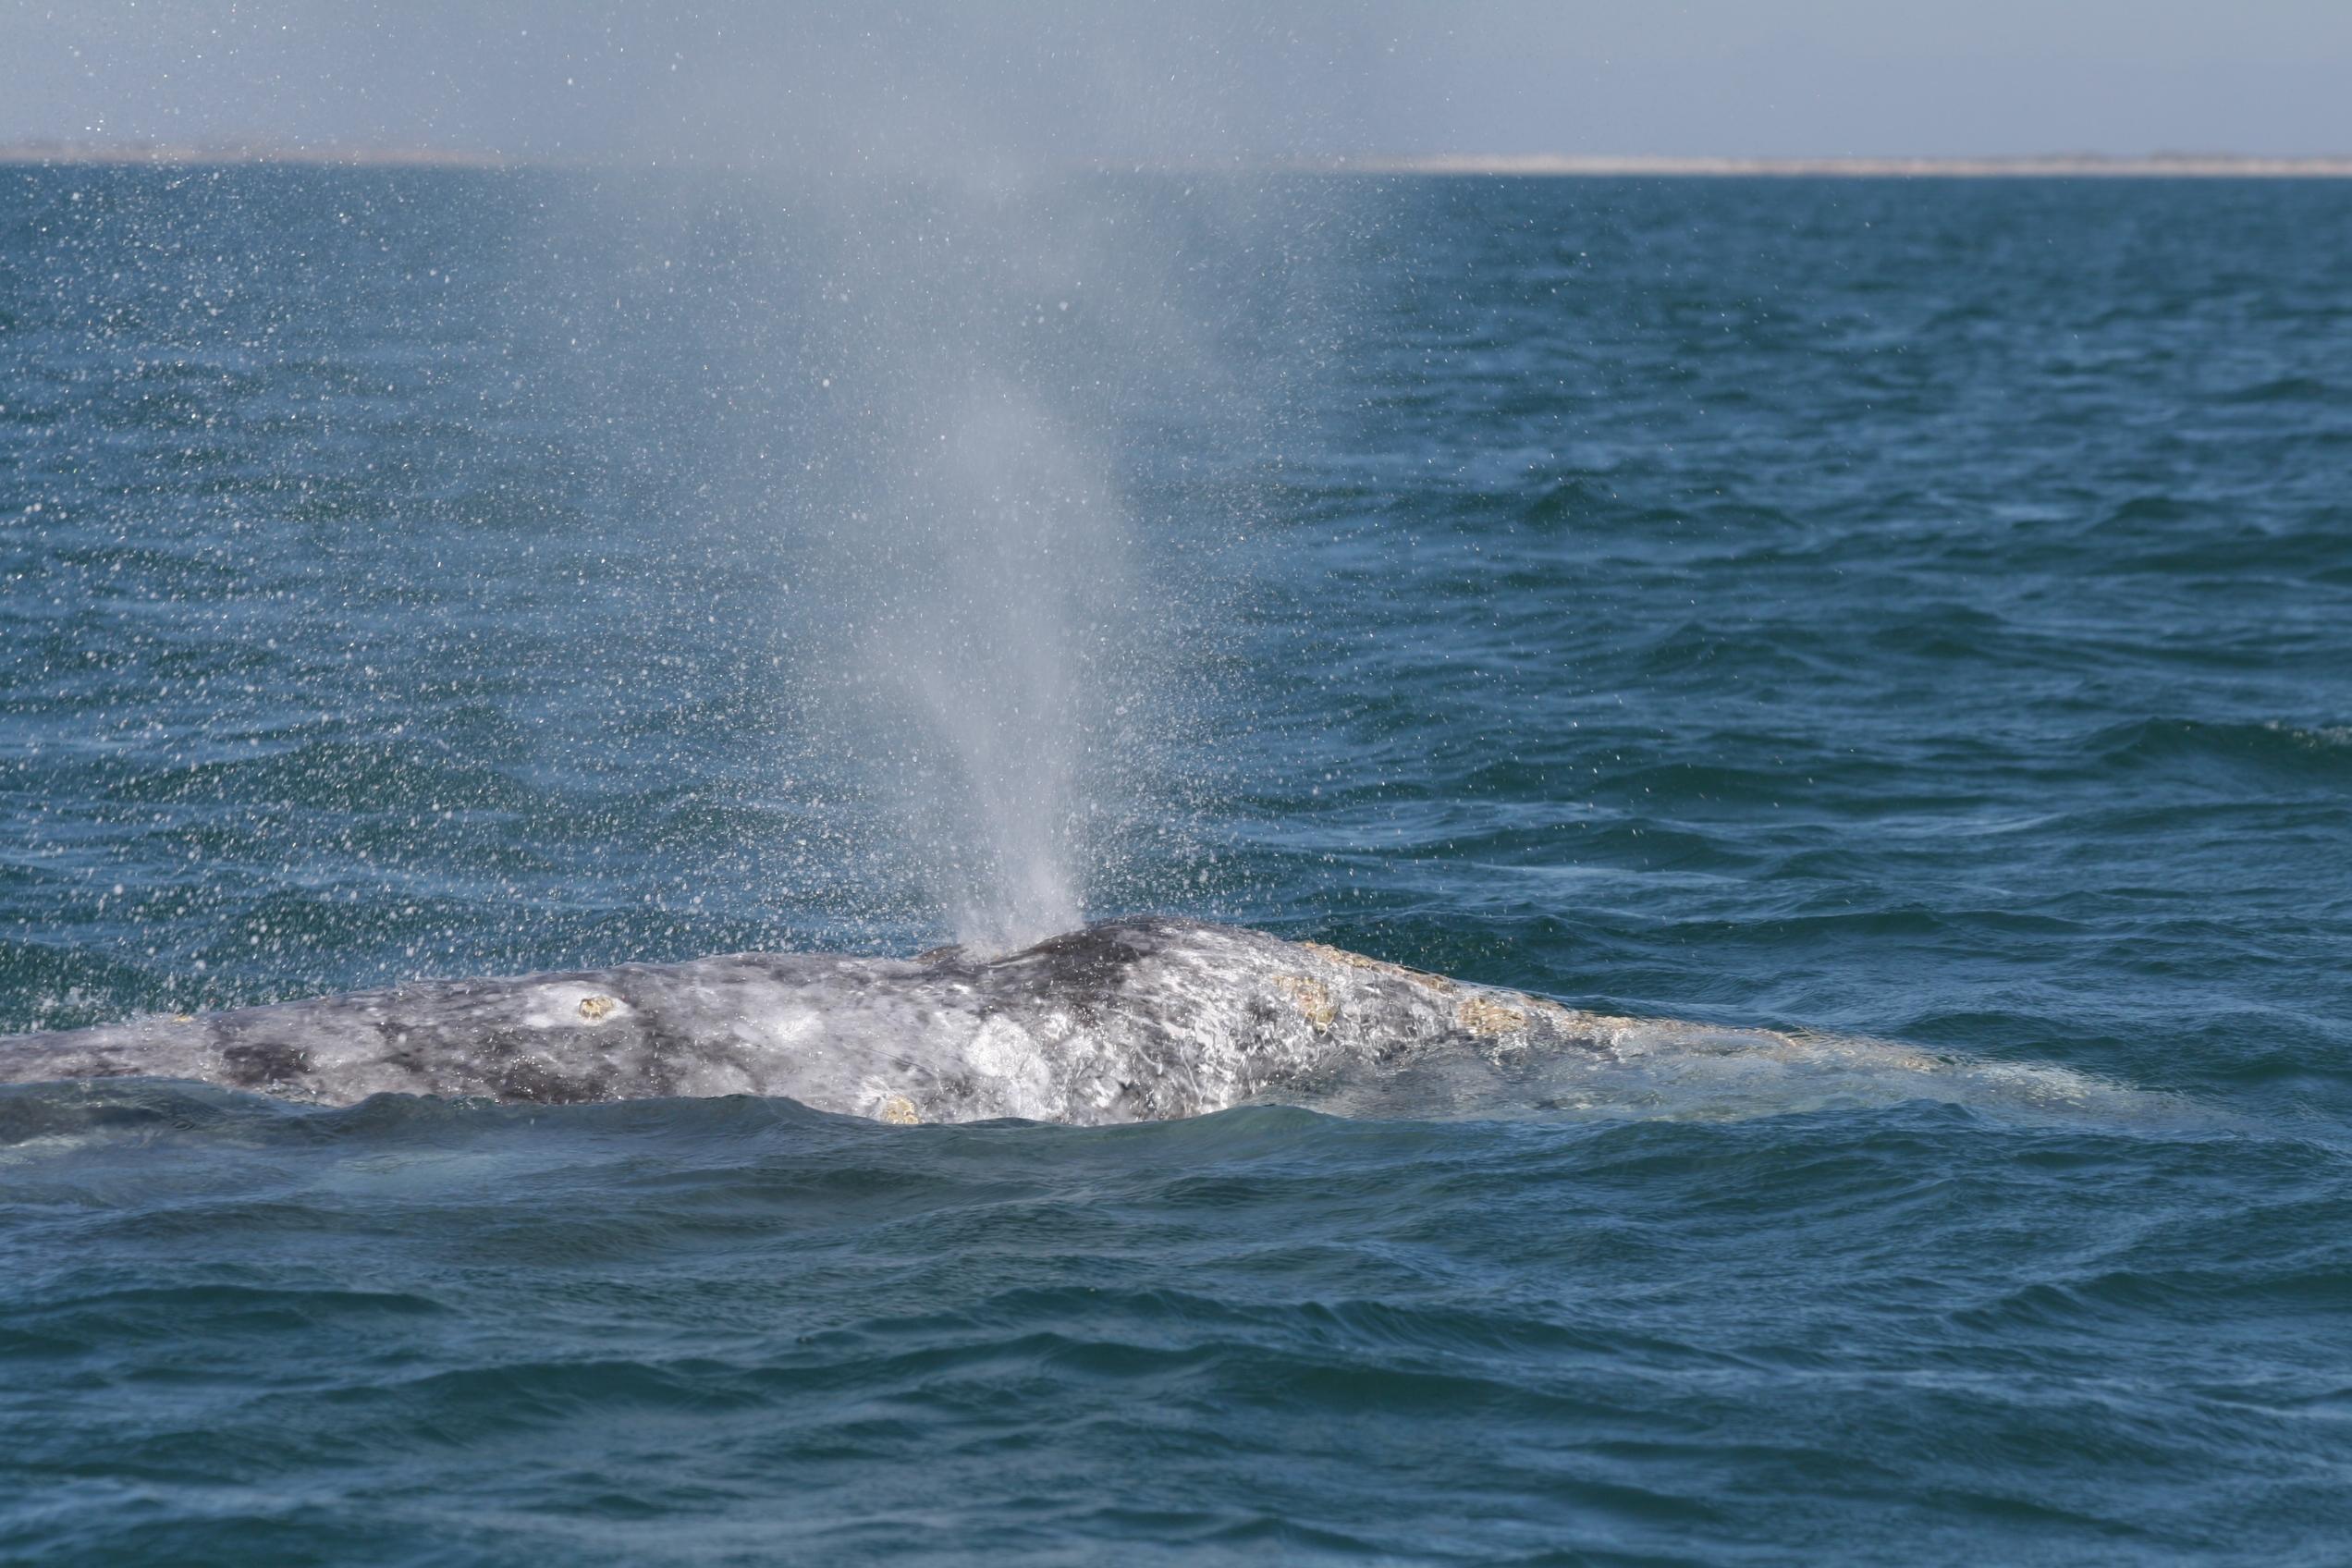 gray whale spouting